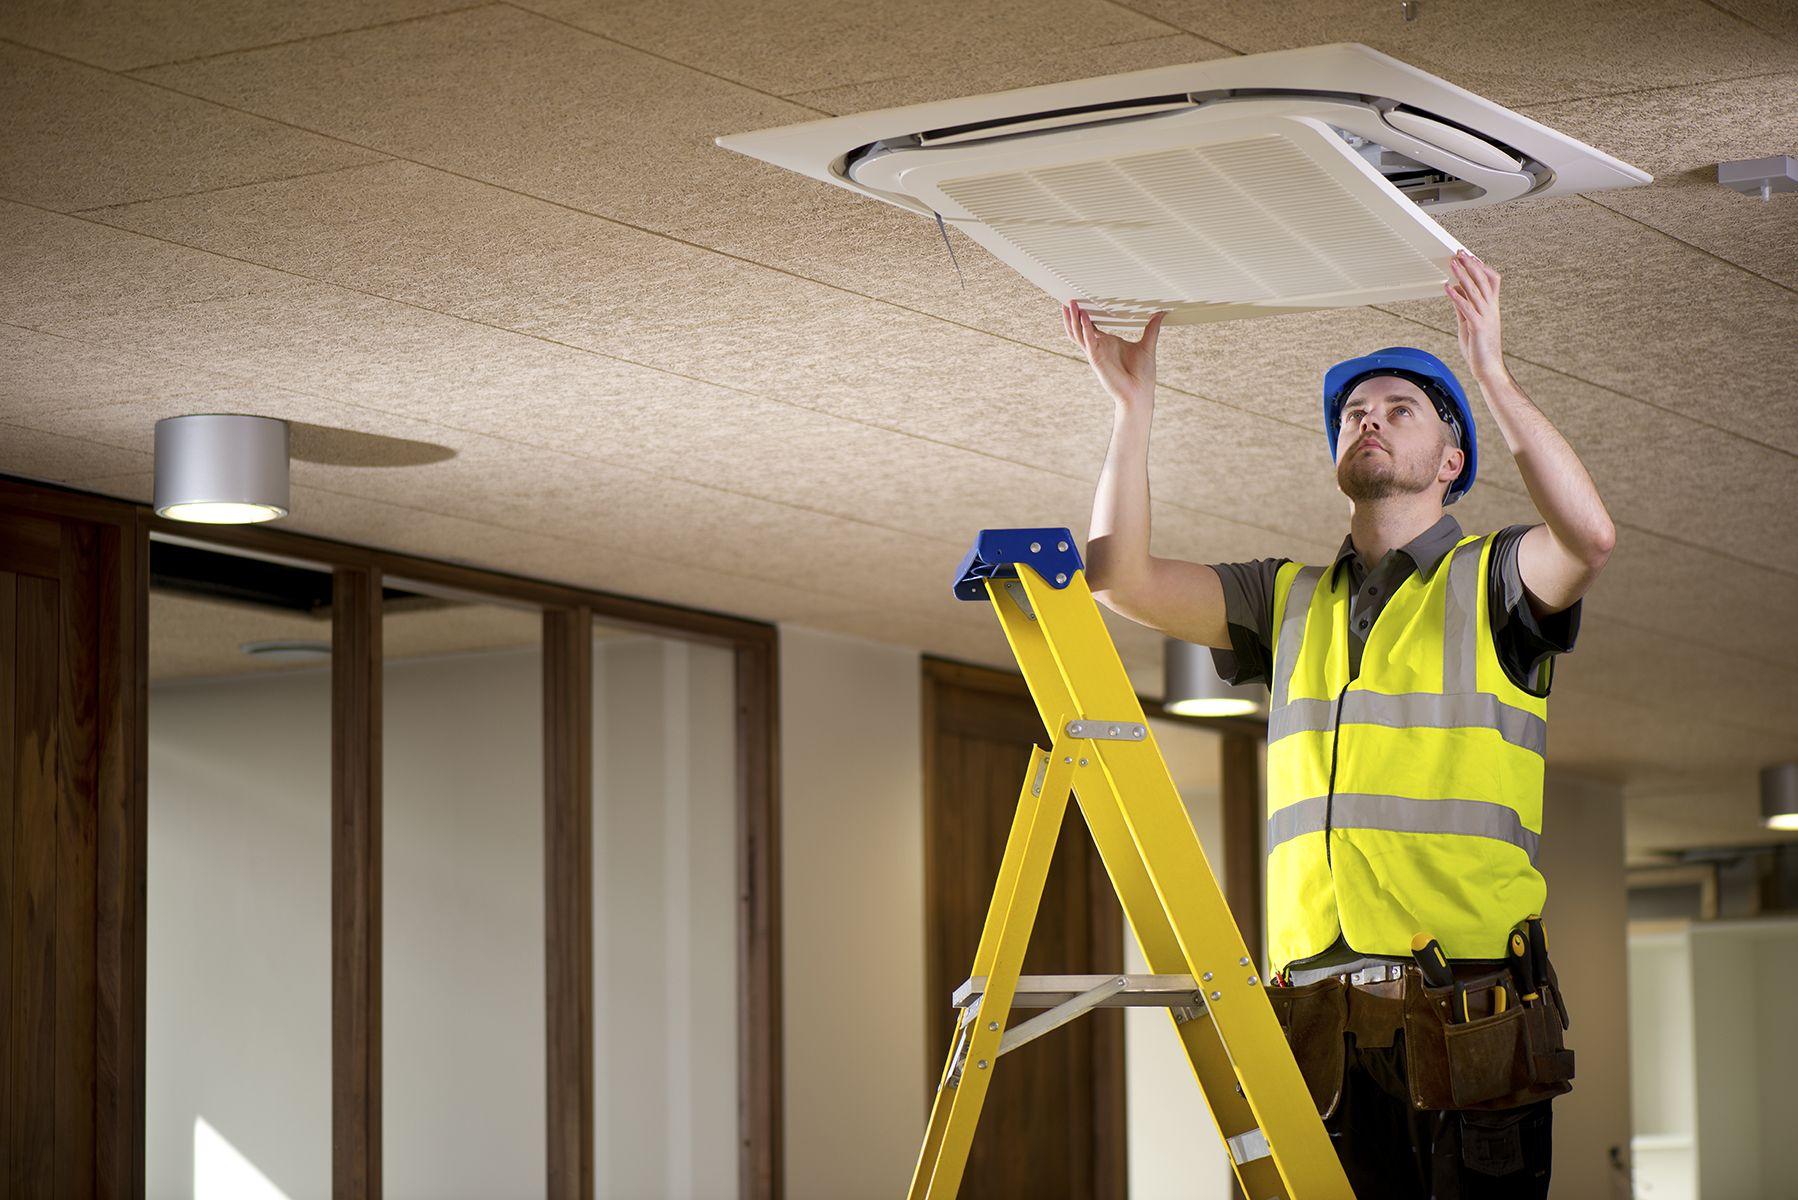 Profesionales en la instalación y reparación de aire acondicionado